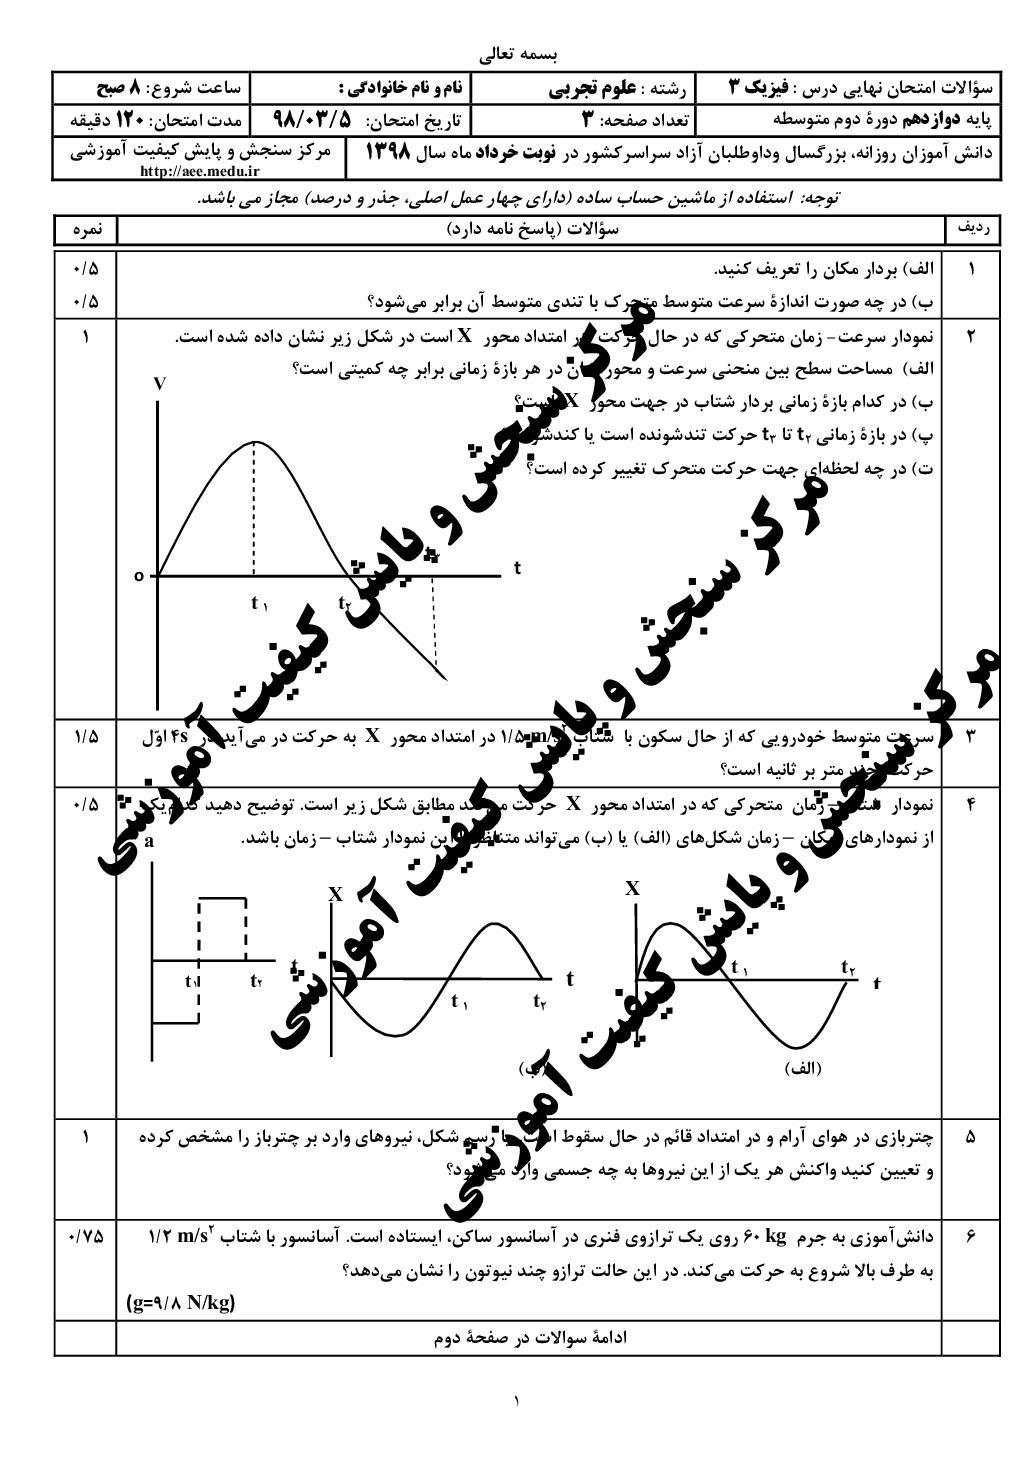 امتحان نهایی فیزیک 3 - خرداد 98 (PDF)